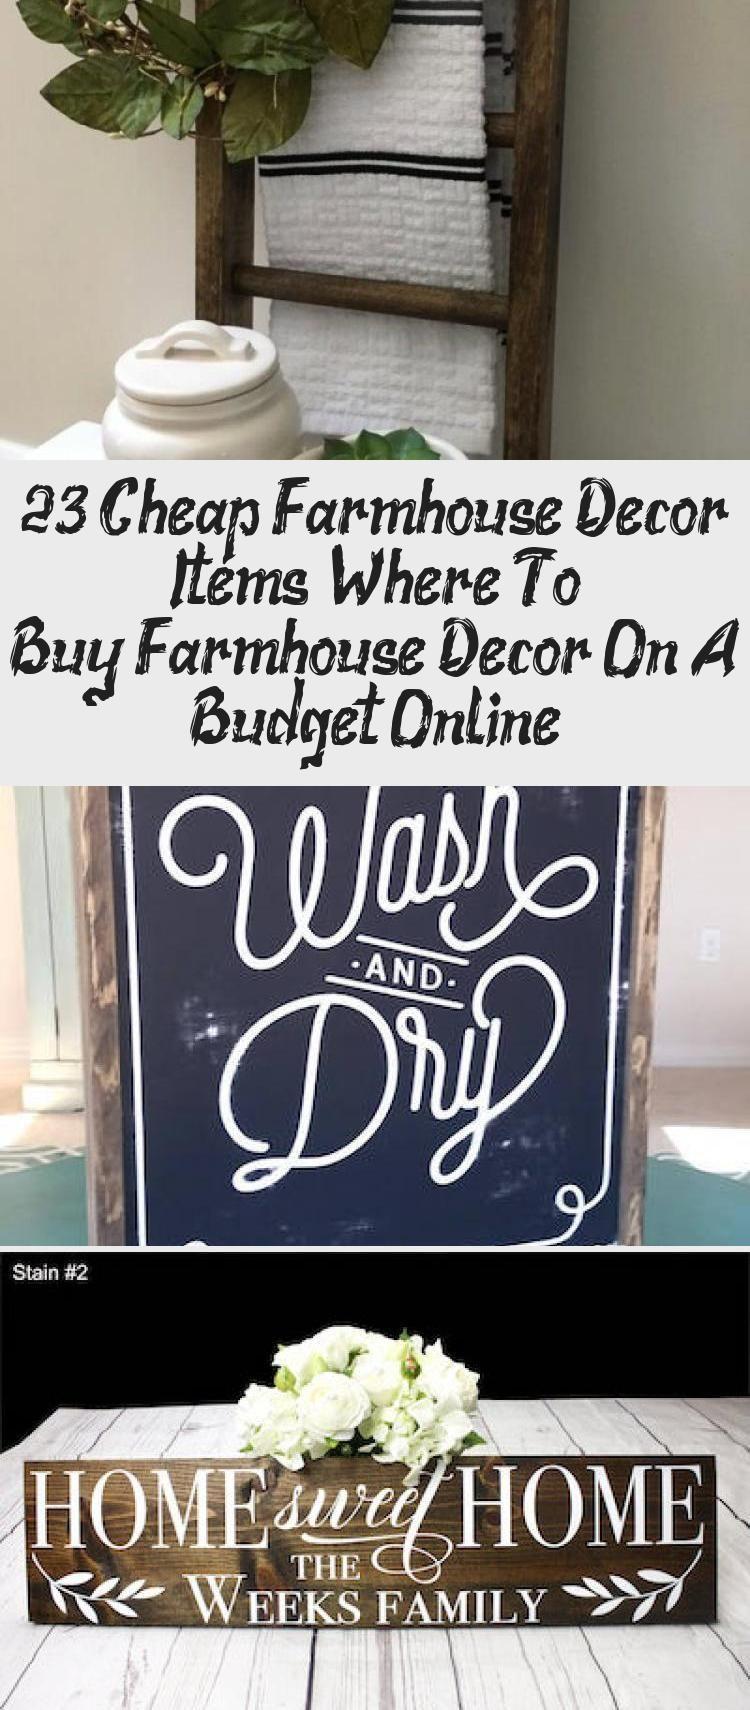 23 Cheap Farmhouse Decor Items  Where To Buy Farmhouse Decor On A Budget Online  DIY  #Bud